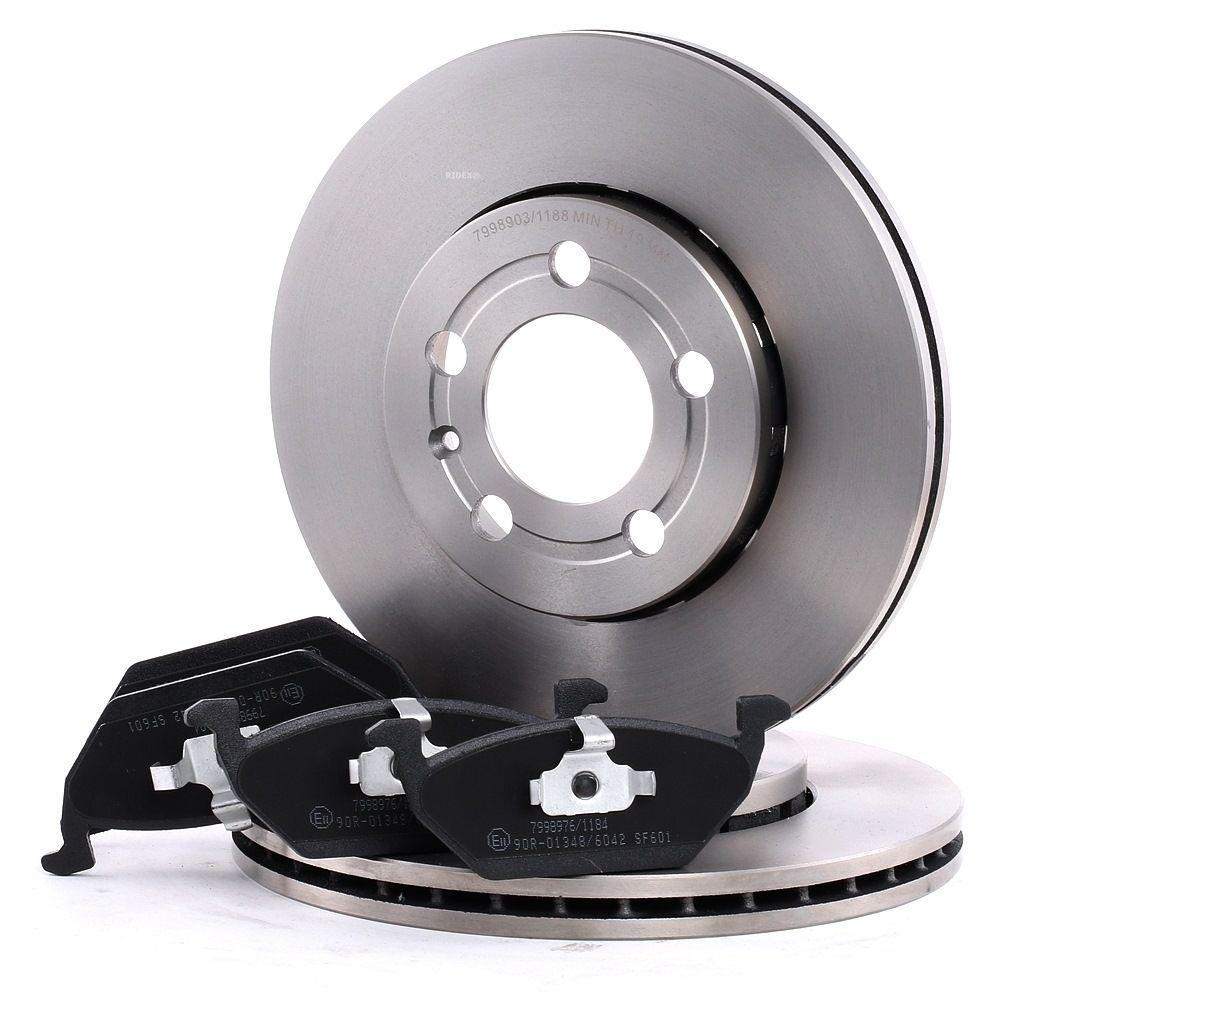 RIDEX: Original Bremsscheiben und Bremsbeläge 3405B0317 ()